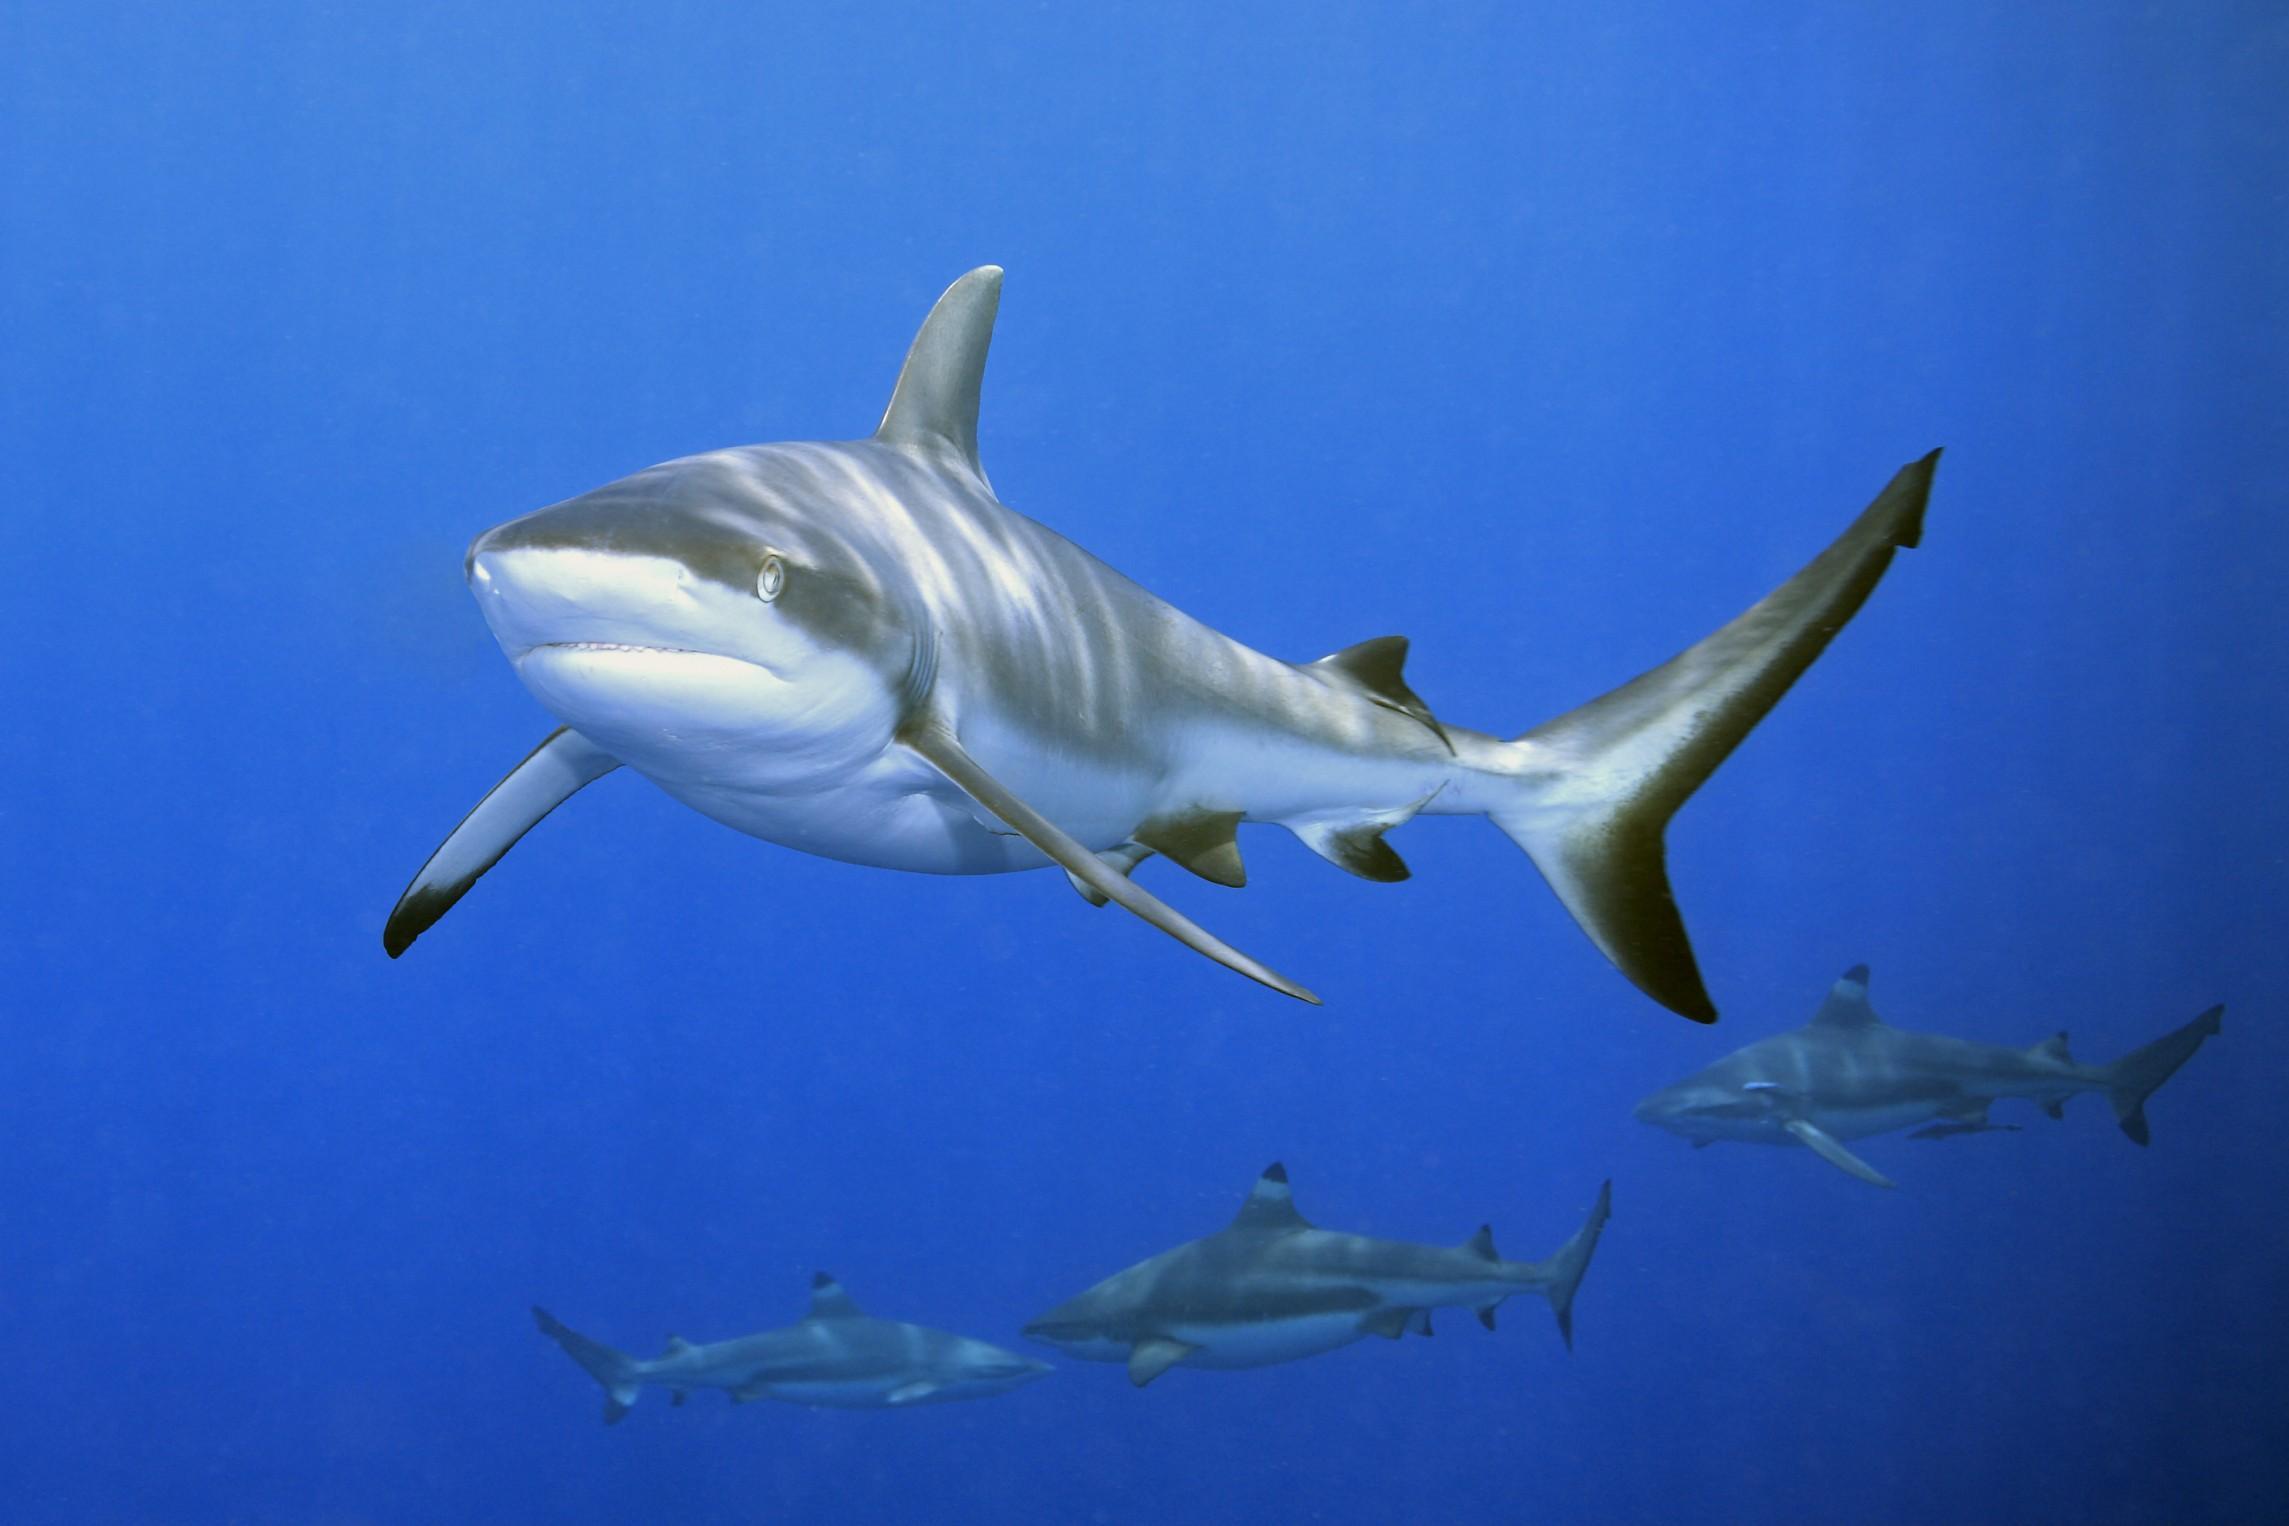 Ostia-avvistato-squalo-in-mare-rivissute-scene-della-saga-film-di-Spielberg